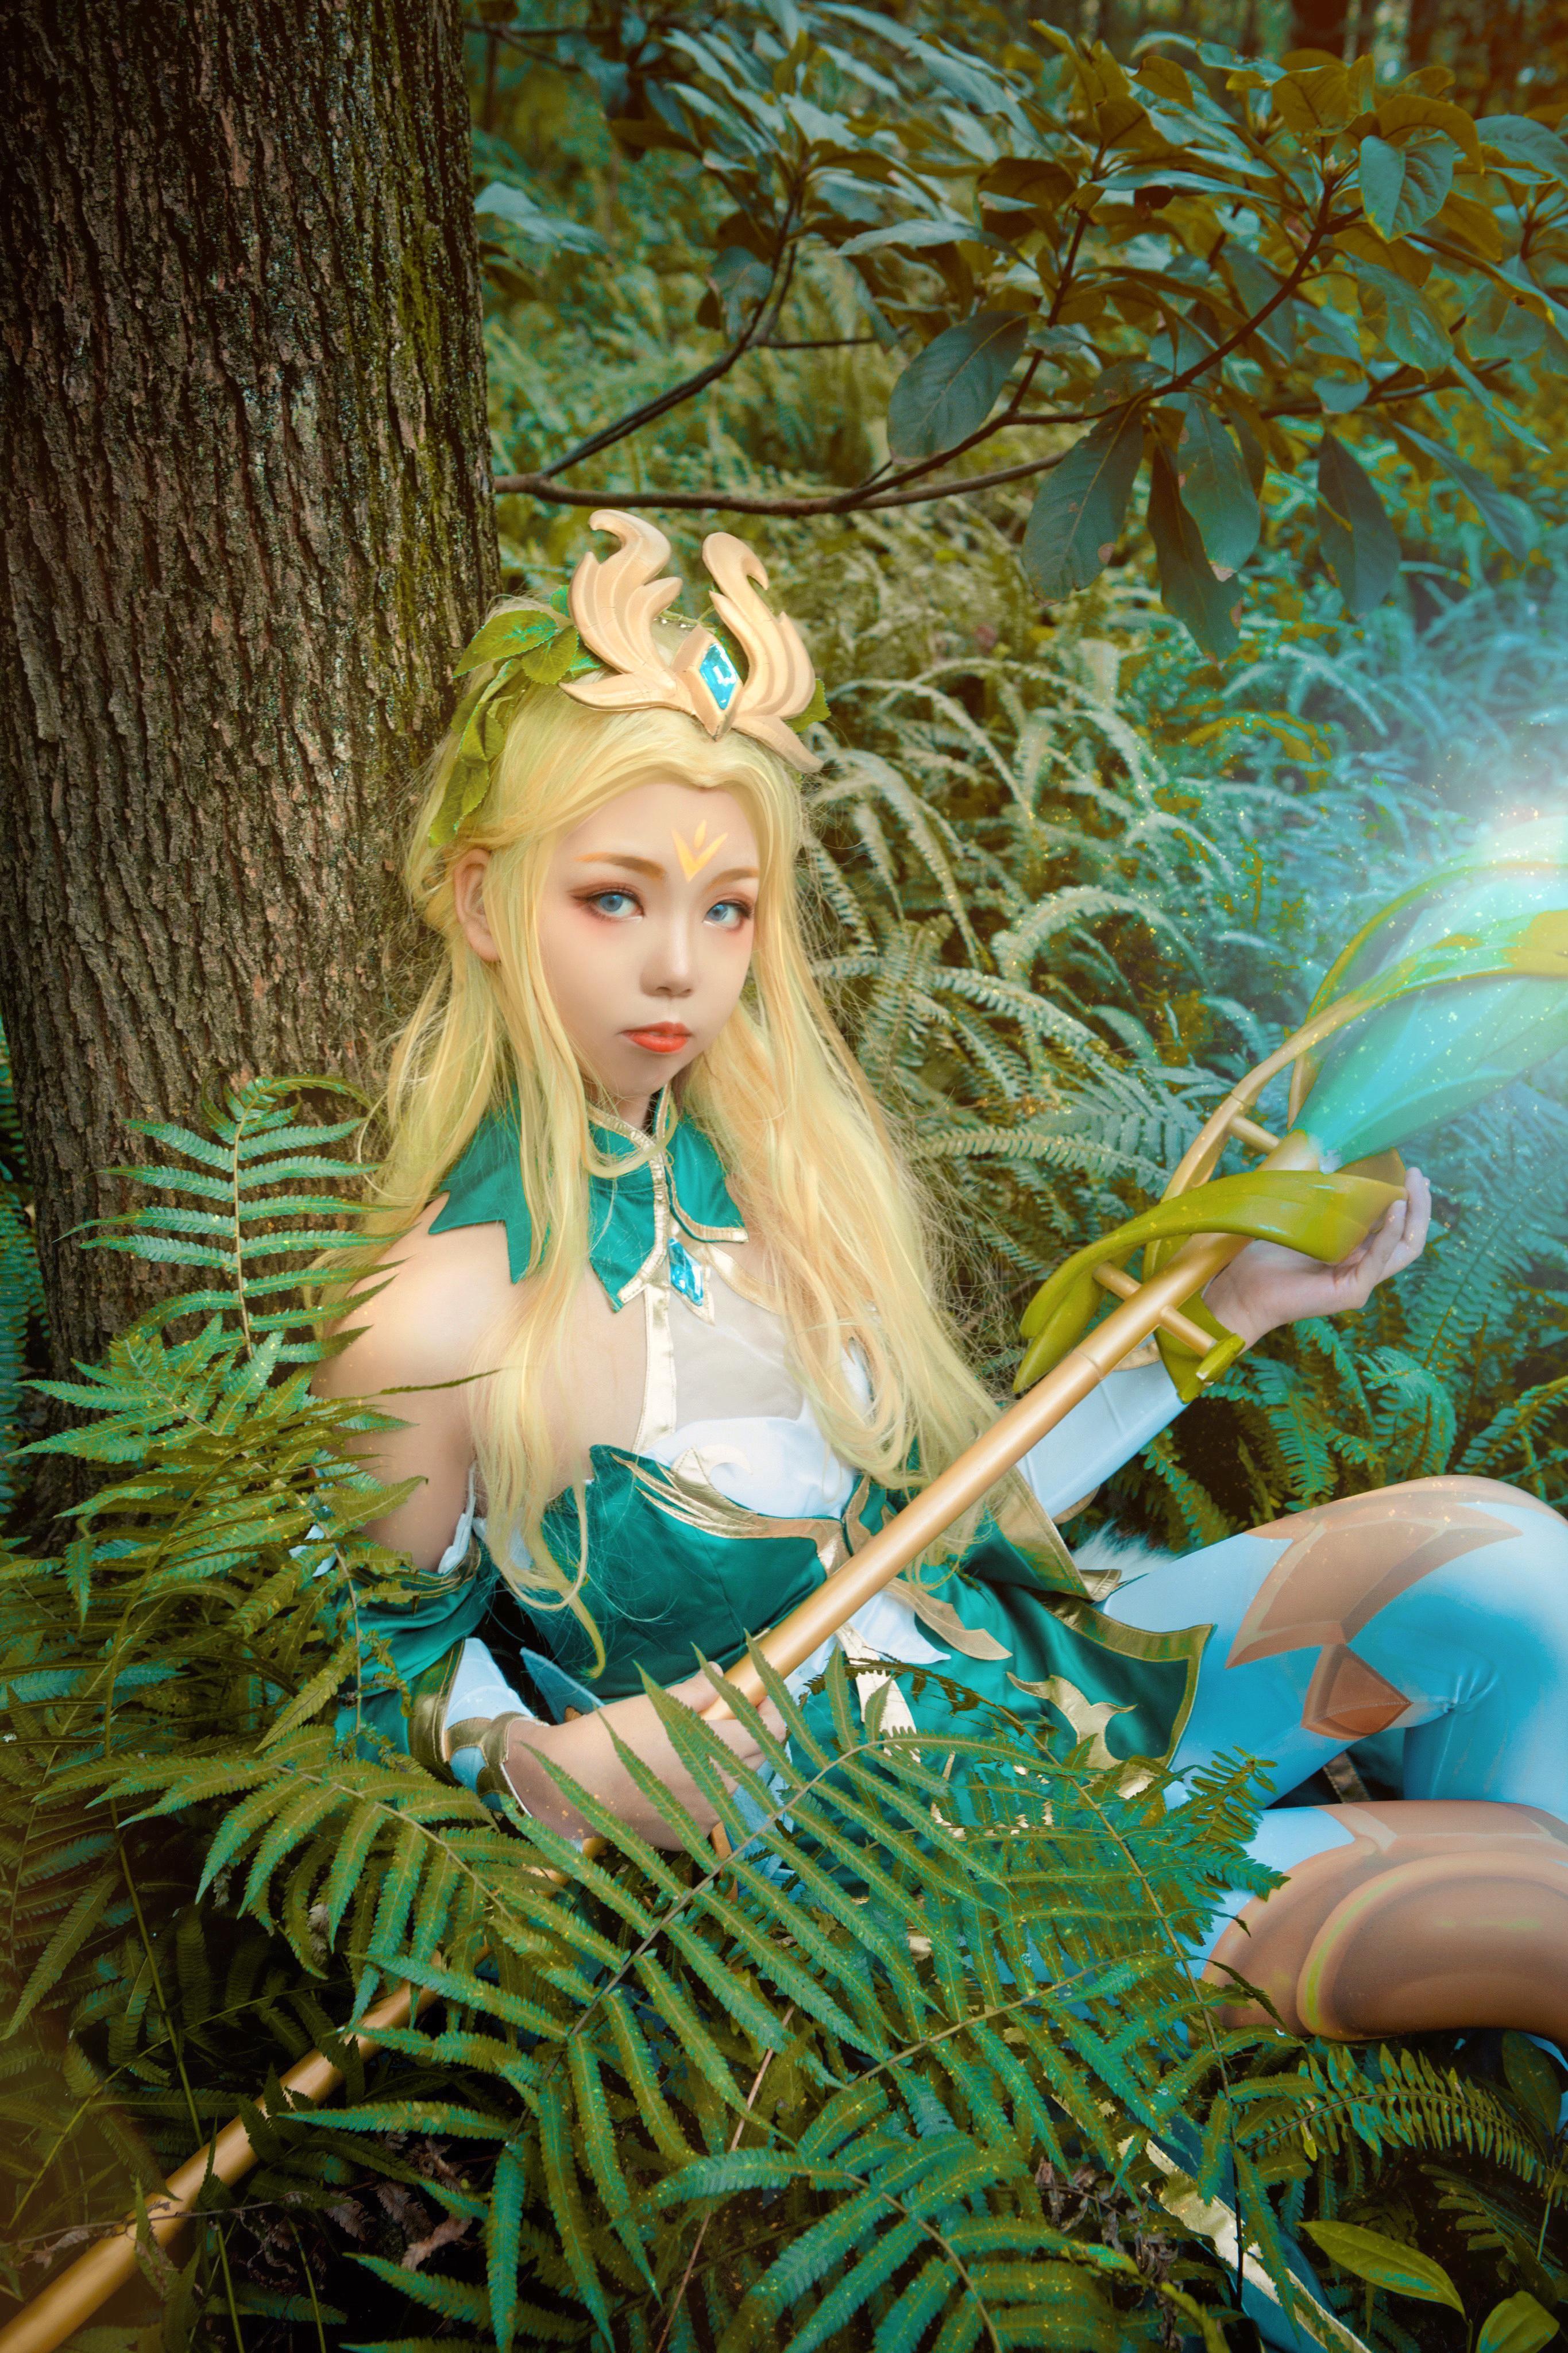 《王者荣耀》游戏cosplay【CN:_小葵_】-第8张